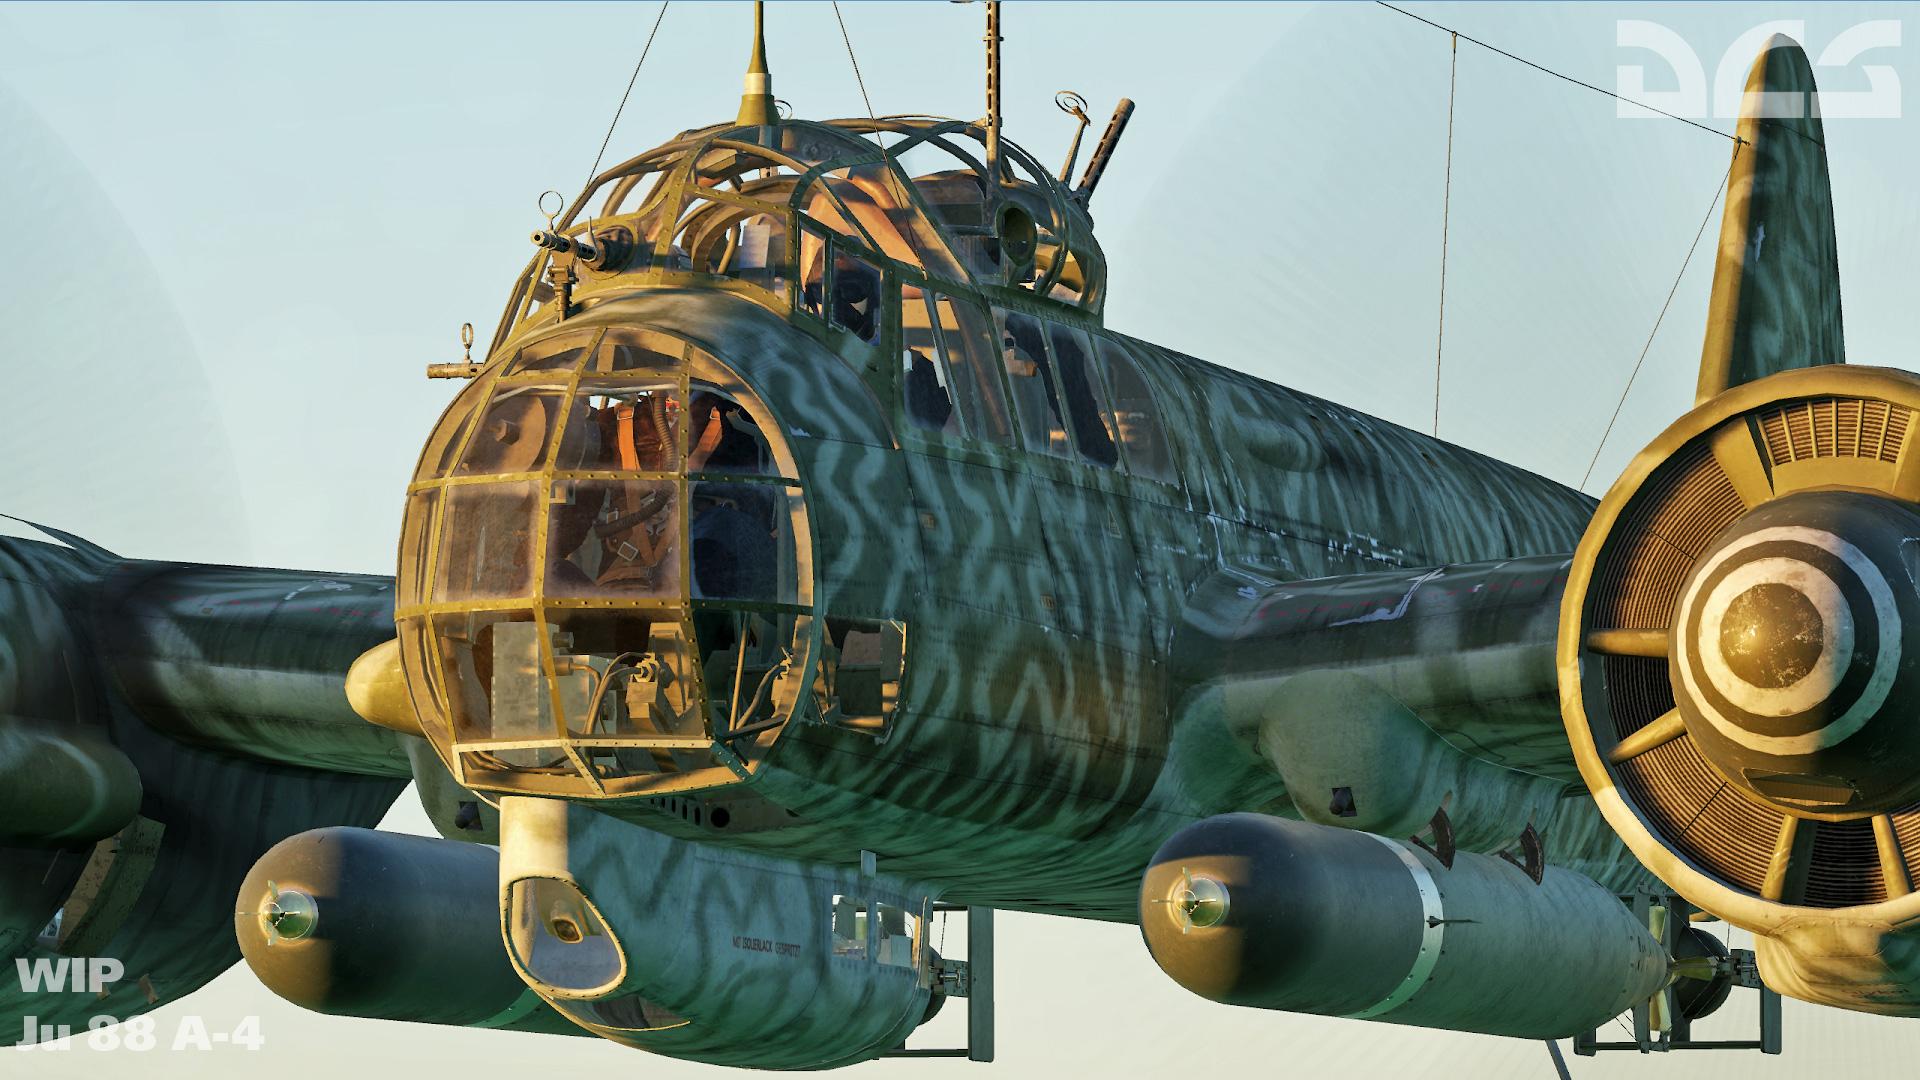 2020-01-23-Ju-88-A-4-02.jpg